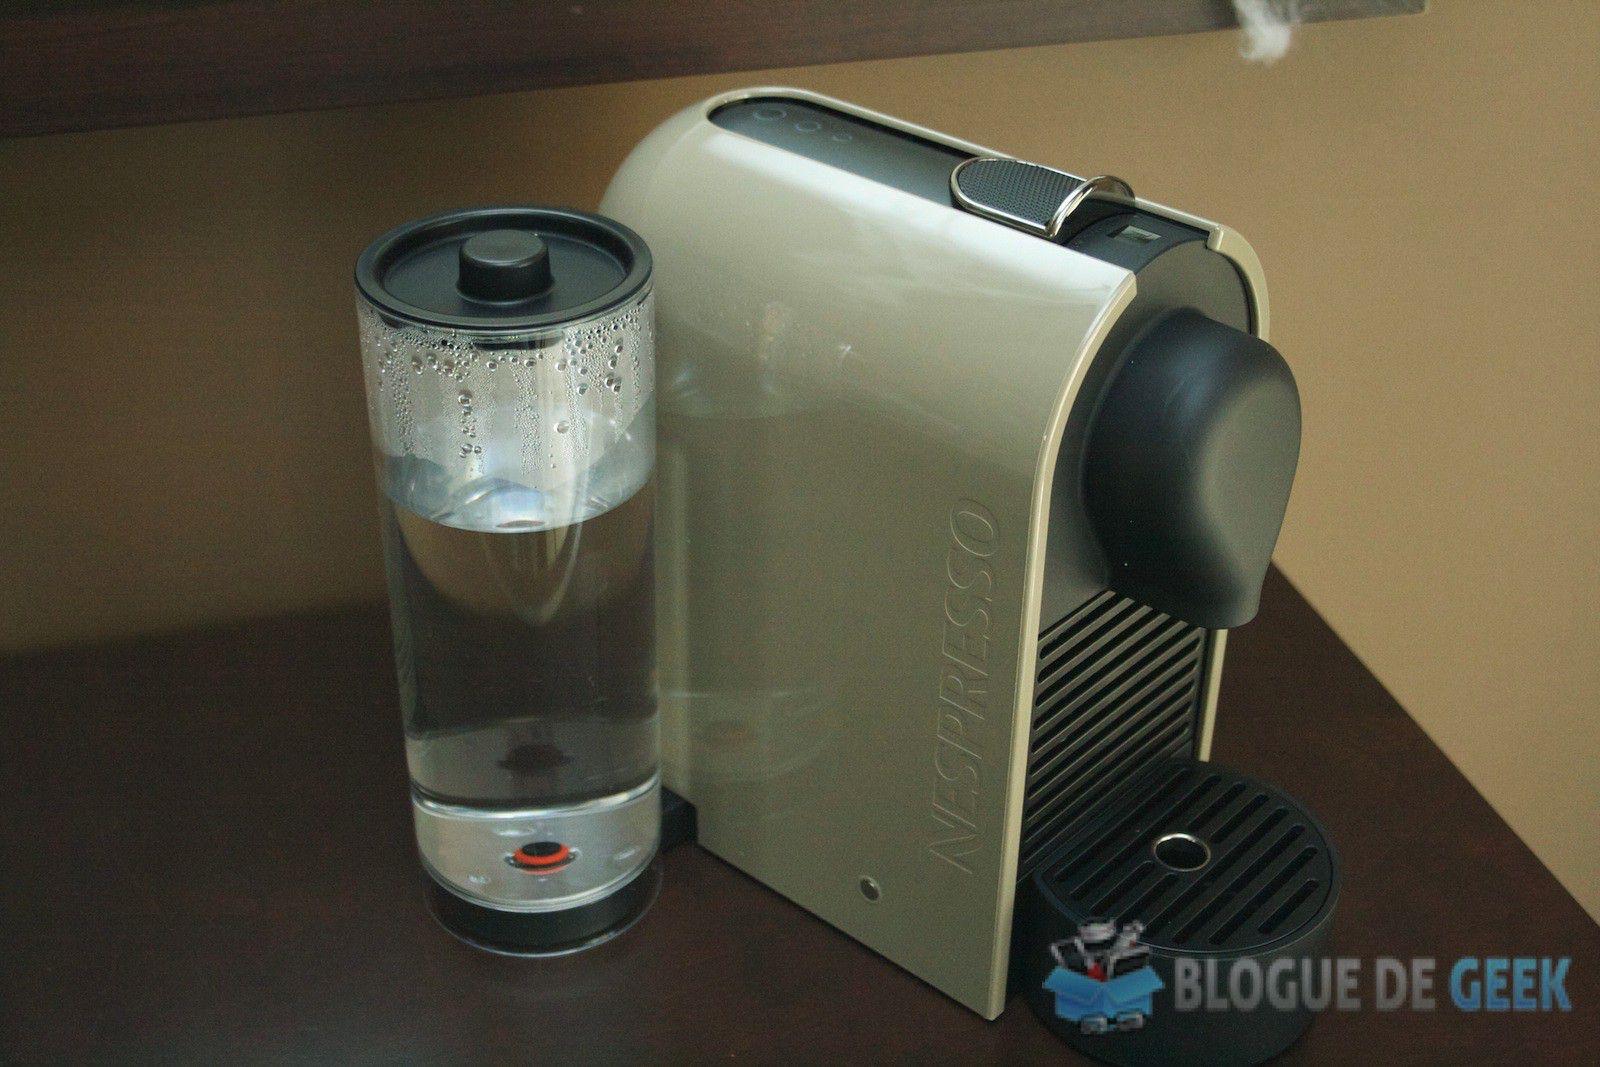 cafetiere nespresso ne perce plus les capsules